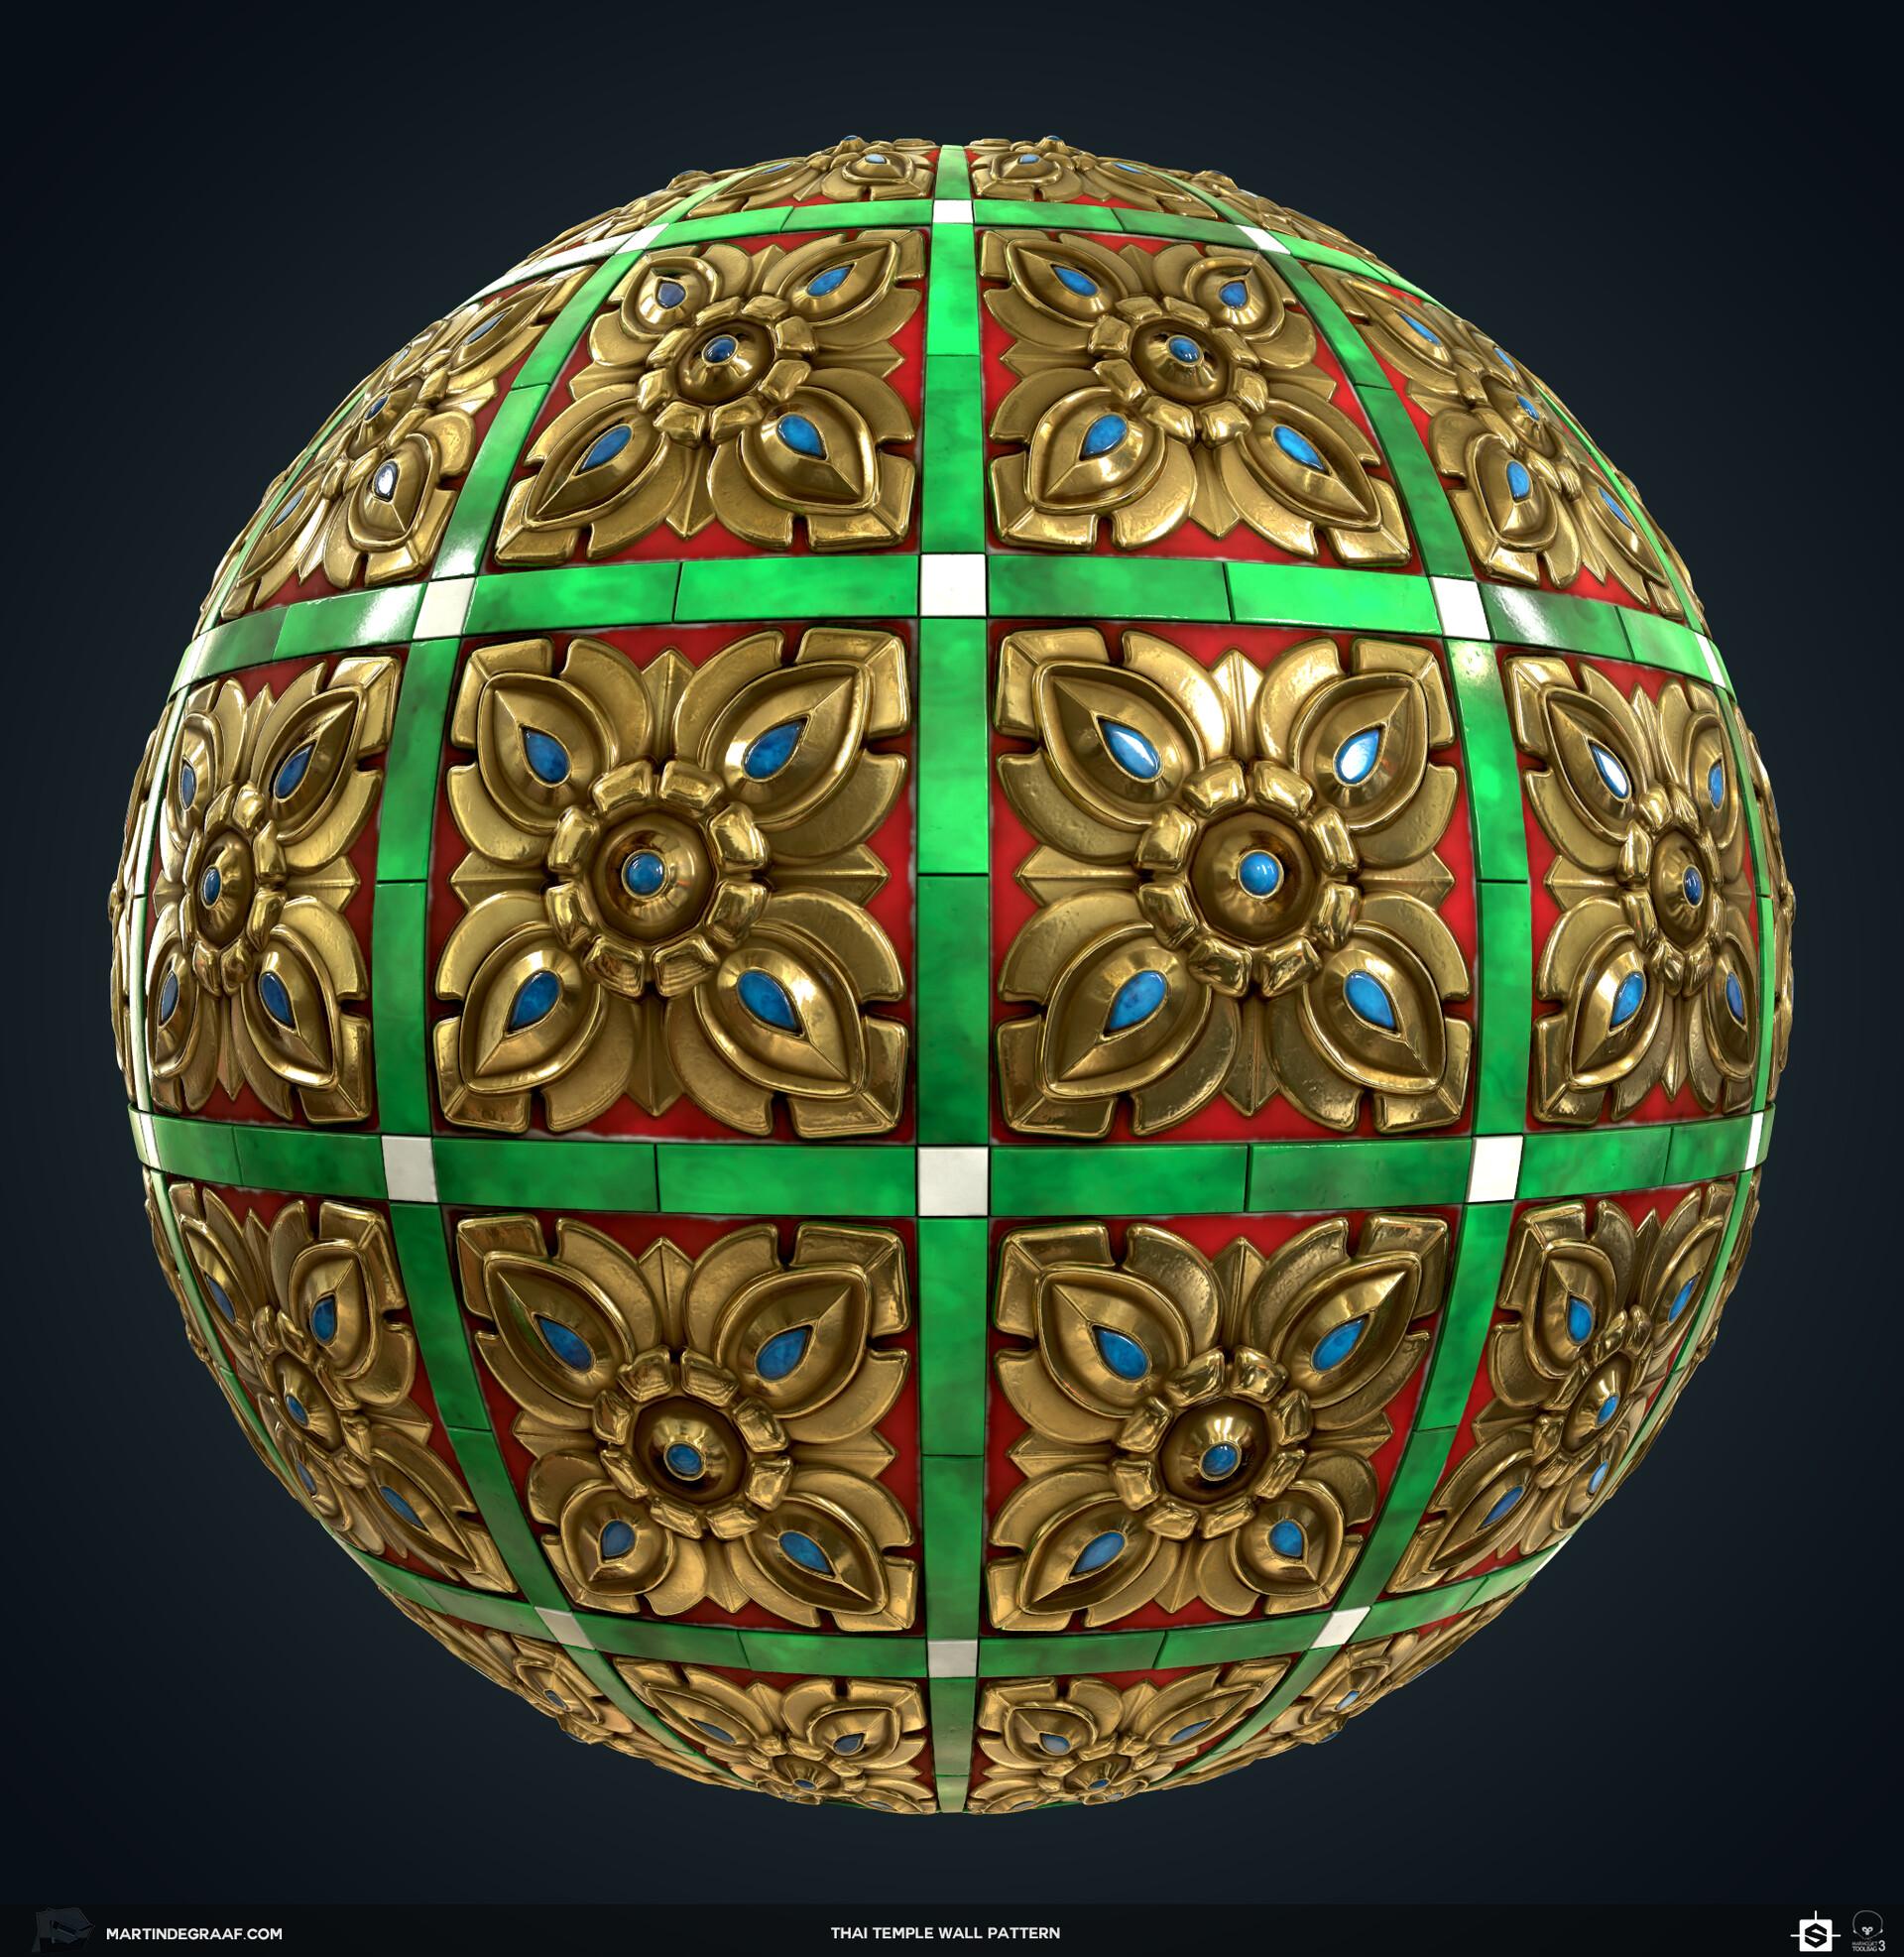 Martin de graaf thai temple wall pattern substance sphere martin de graaf 2019